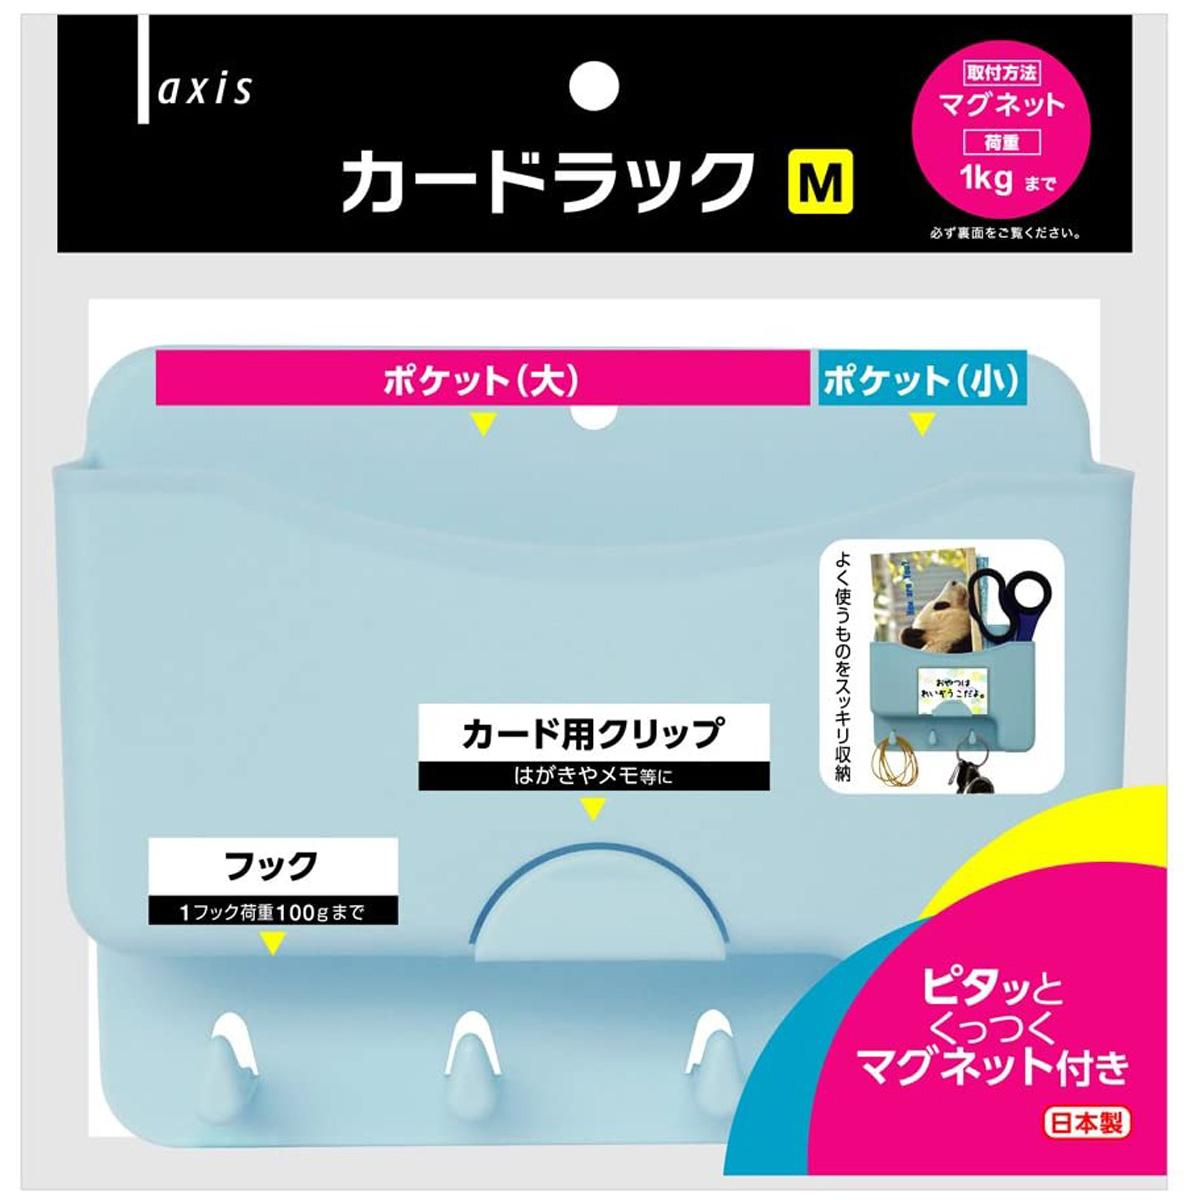 マグネット カードラック [M] 小物入れ 磁石 ボード 掲示用品 1kg 収納 ボックス BOX 冷蔵庫 フック デビカ クリスマスプレゼント